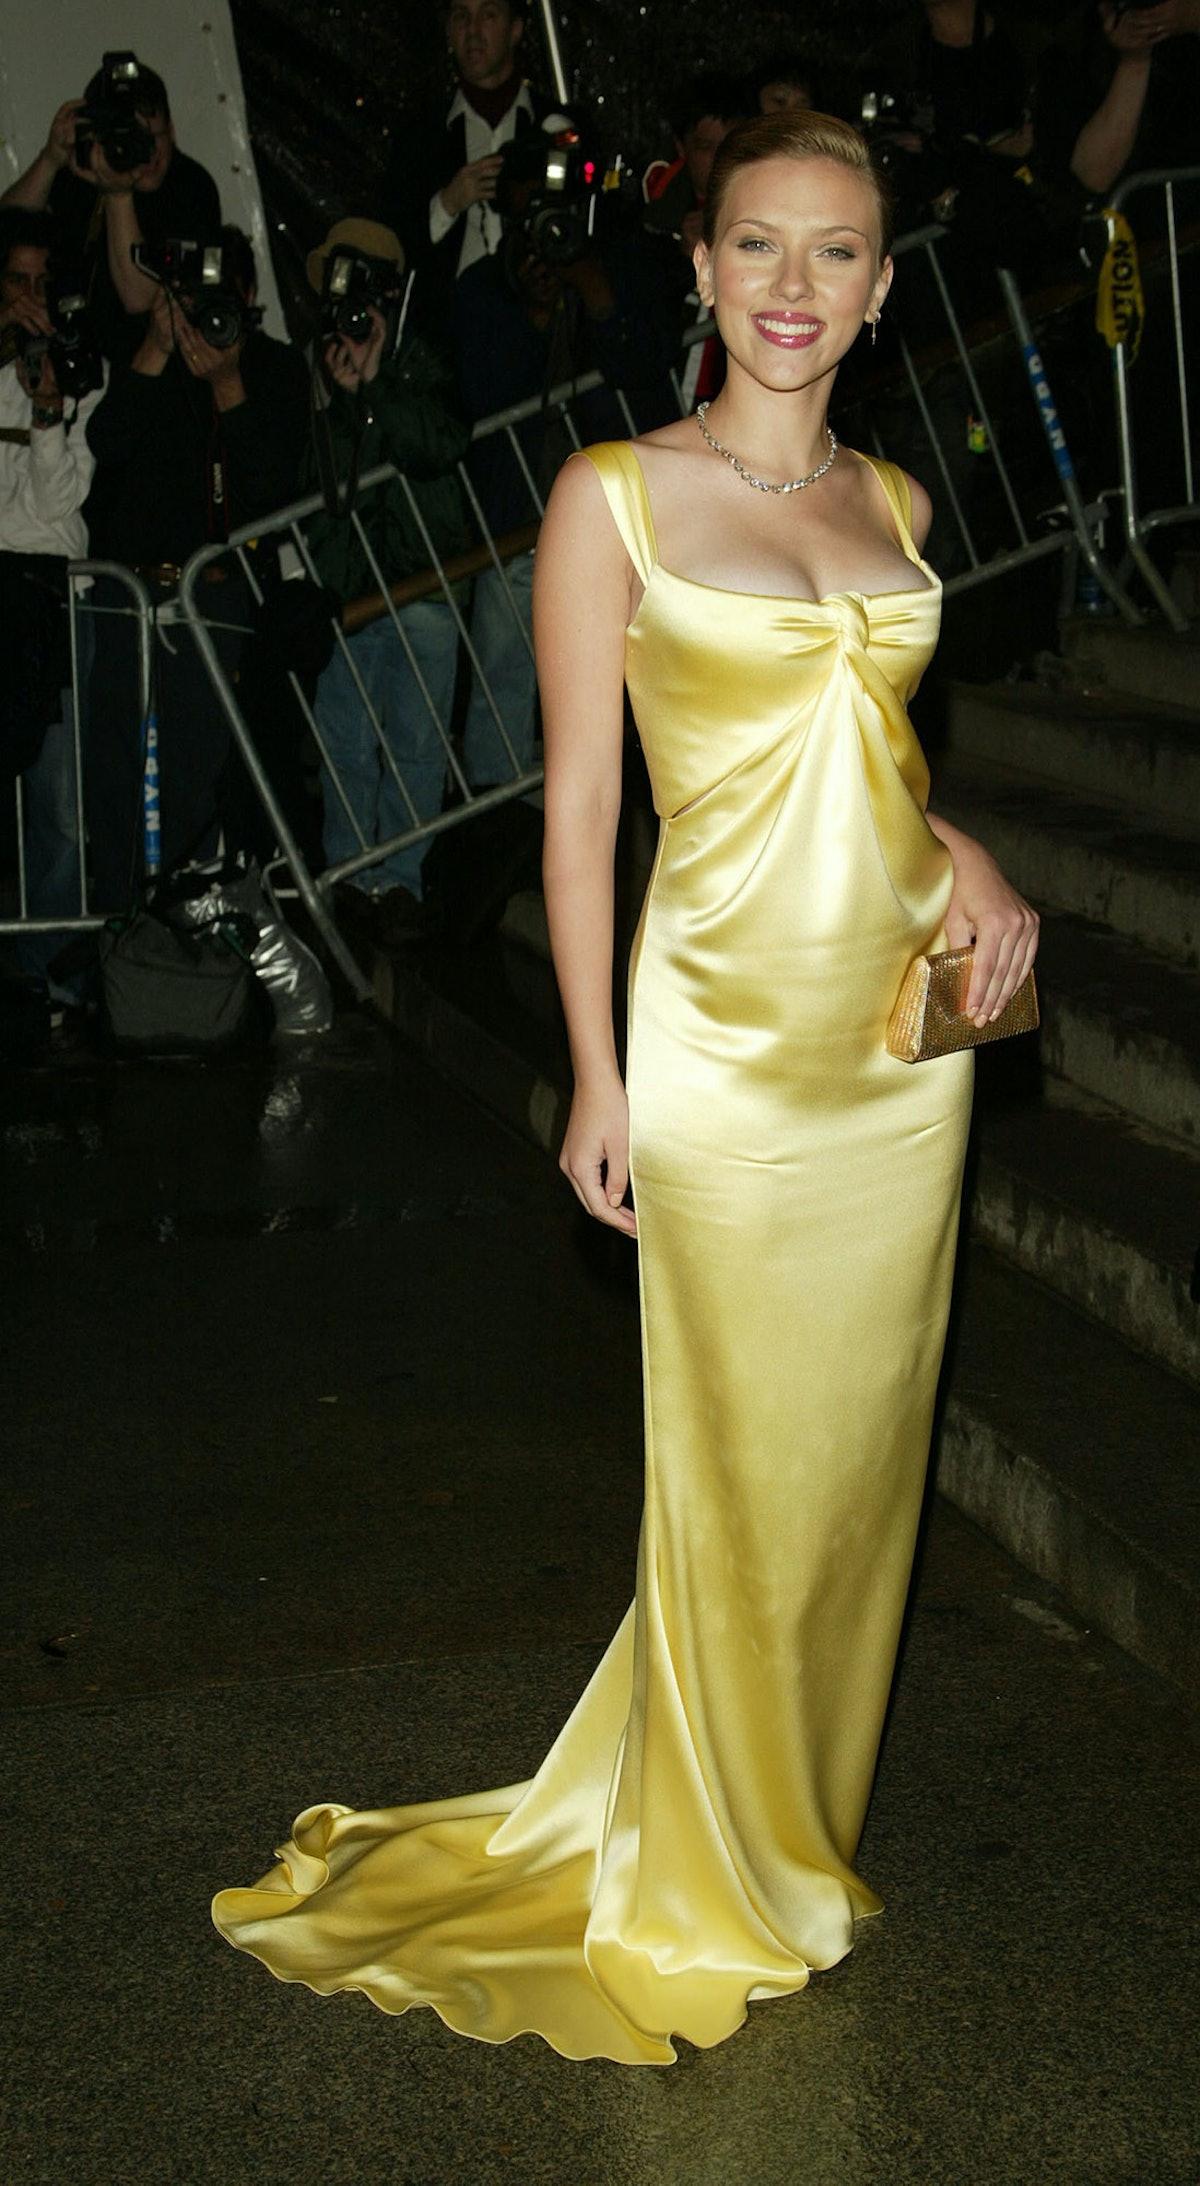 Scarlett Johansson in Calvin Klein at the 2004 Met Gala